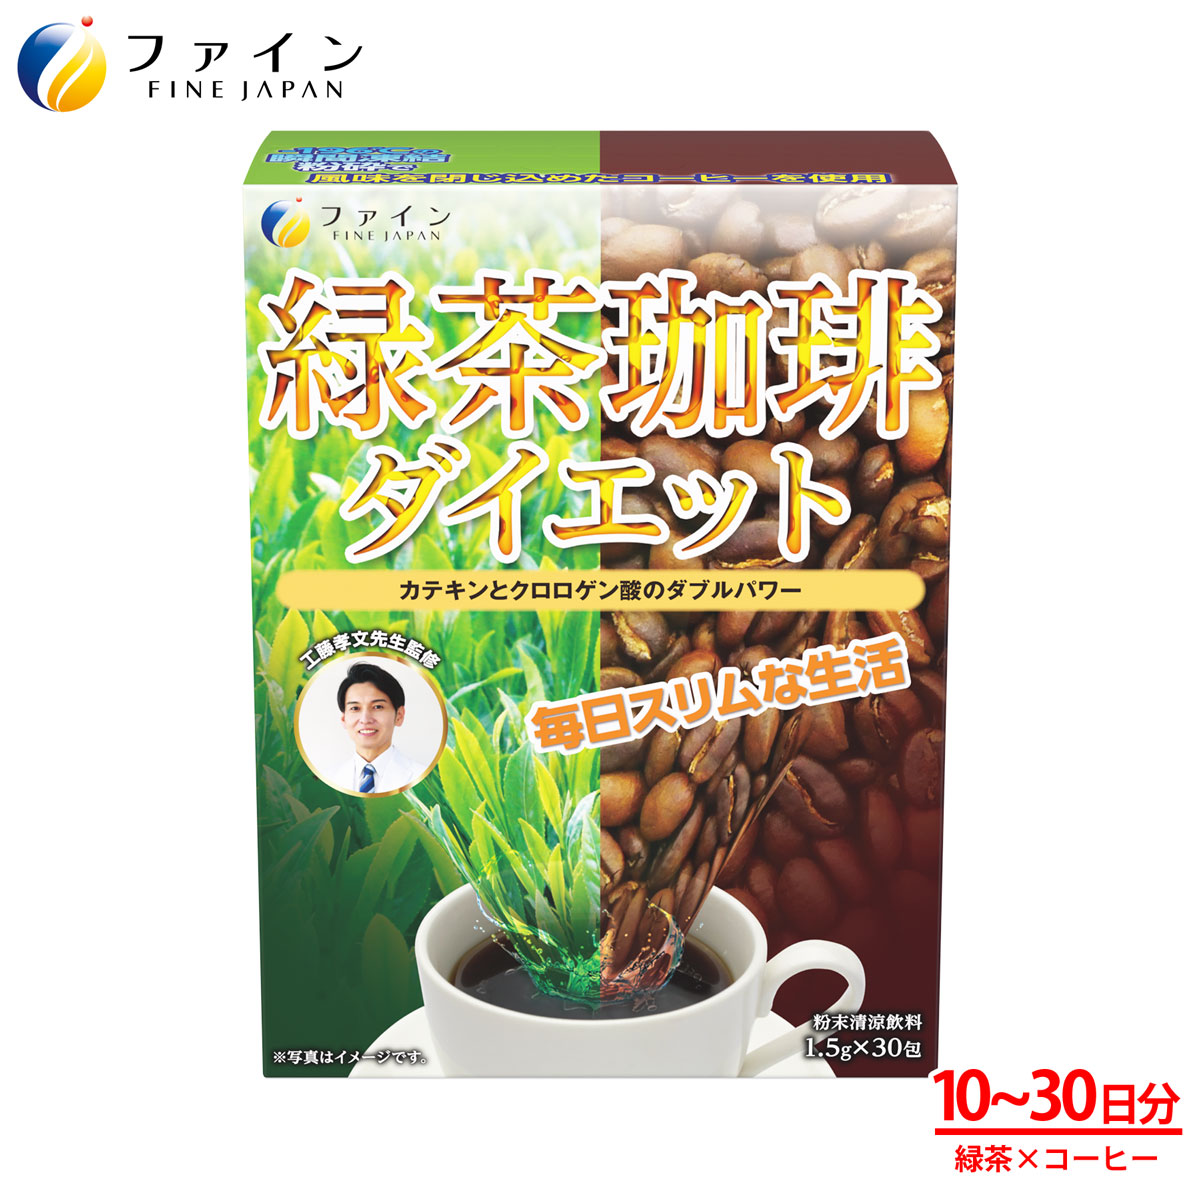 ブログ 緑茶 コーヒー ダイエット